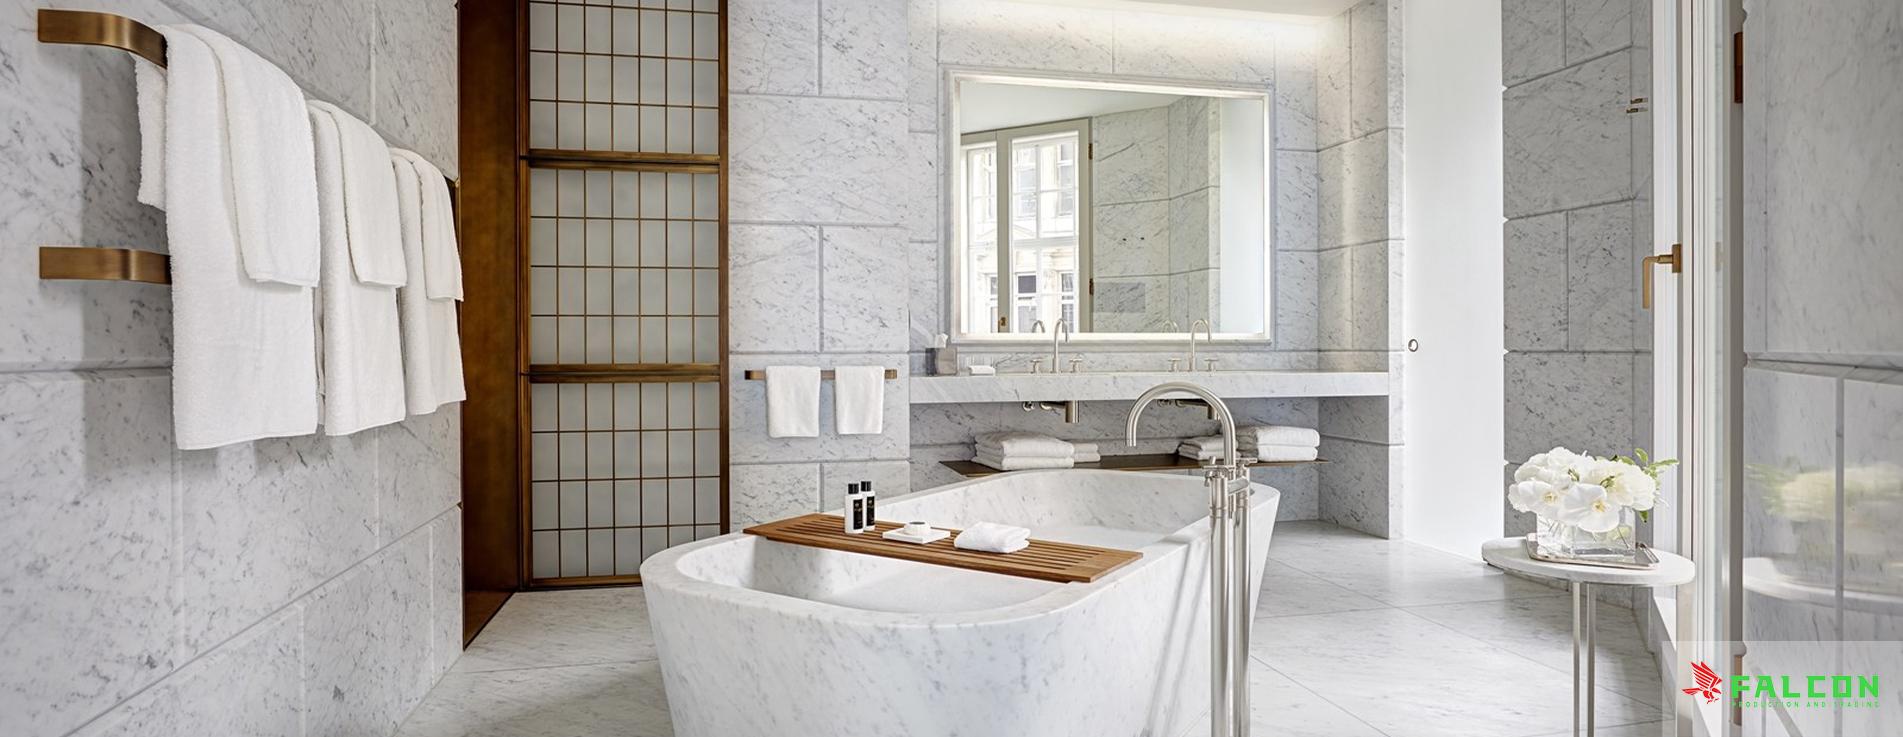 Cung cấp đồ dùng Amenities phòng tắm khách sạn resort